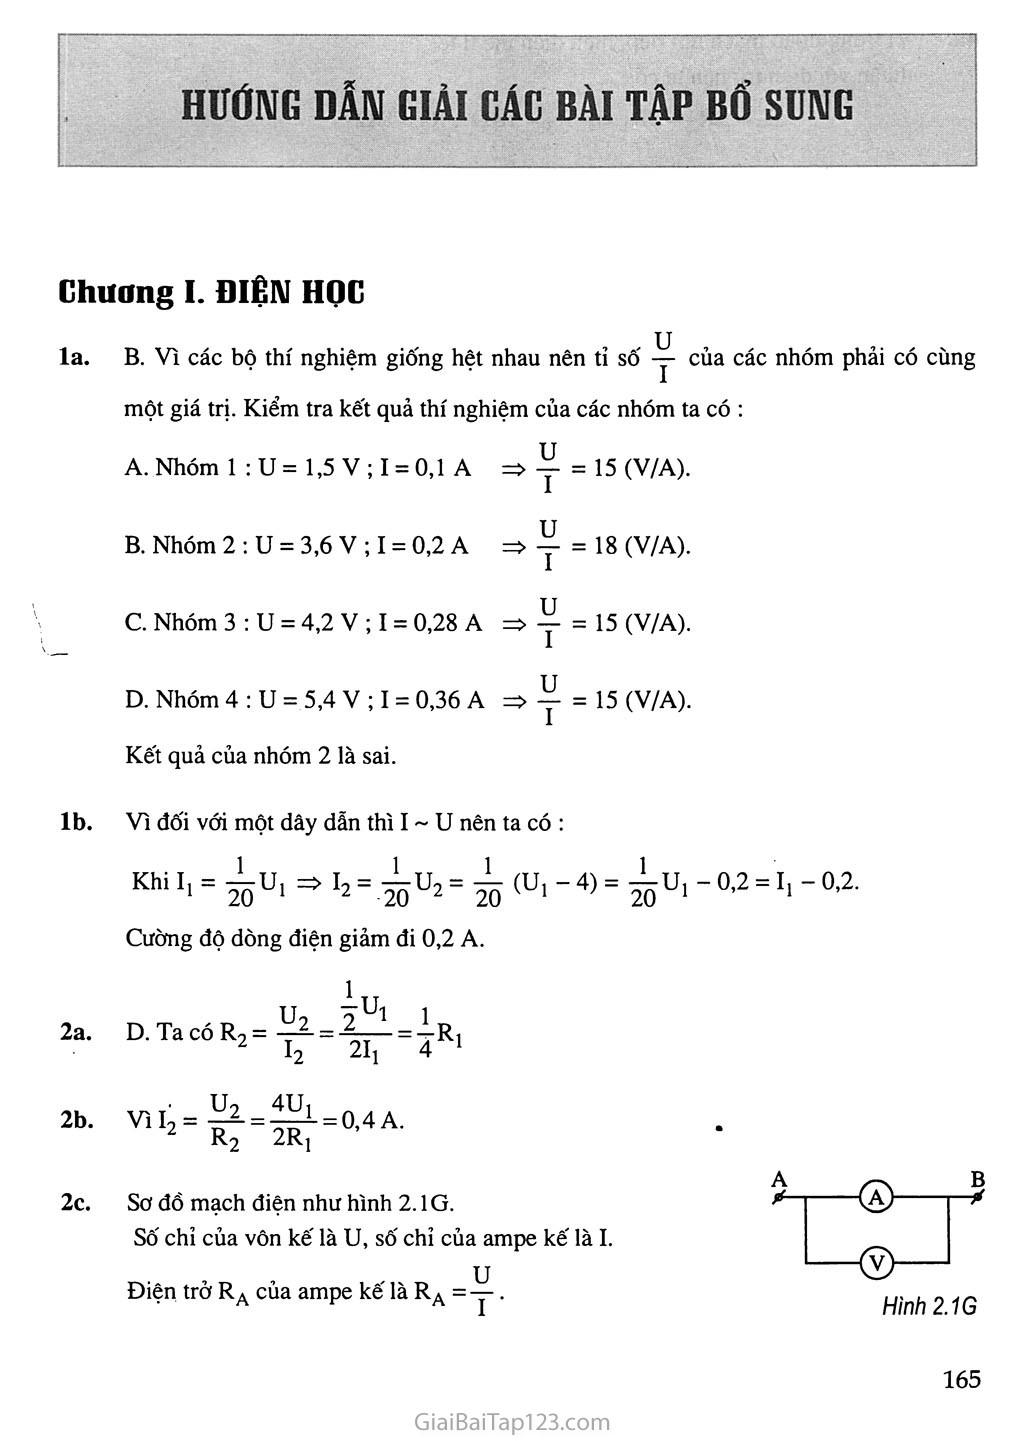 Hướng dẫn giải các bài tập bổ sung trang 1